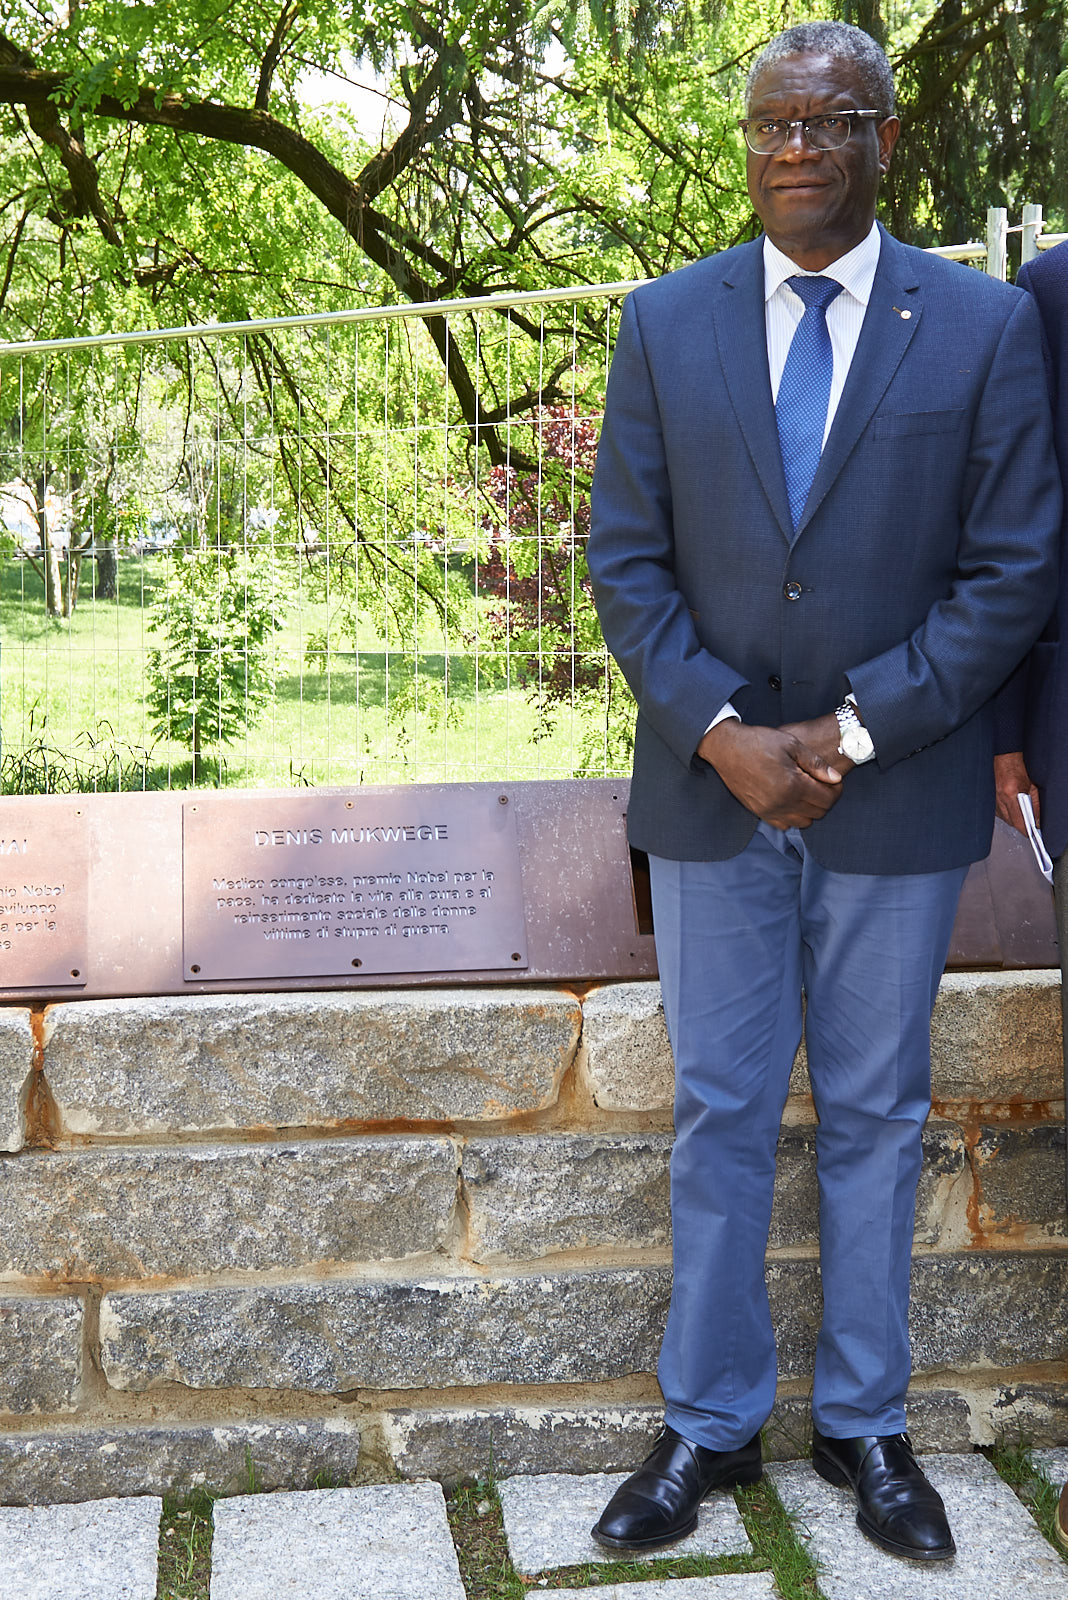 Il Dr. Mukwege con la targa a lui dedicata